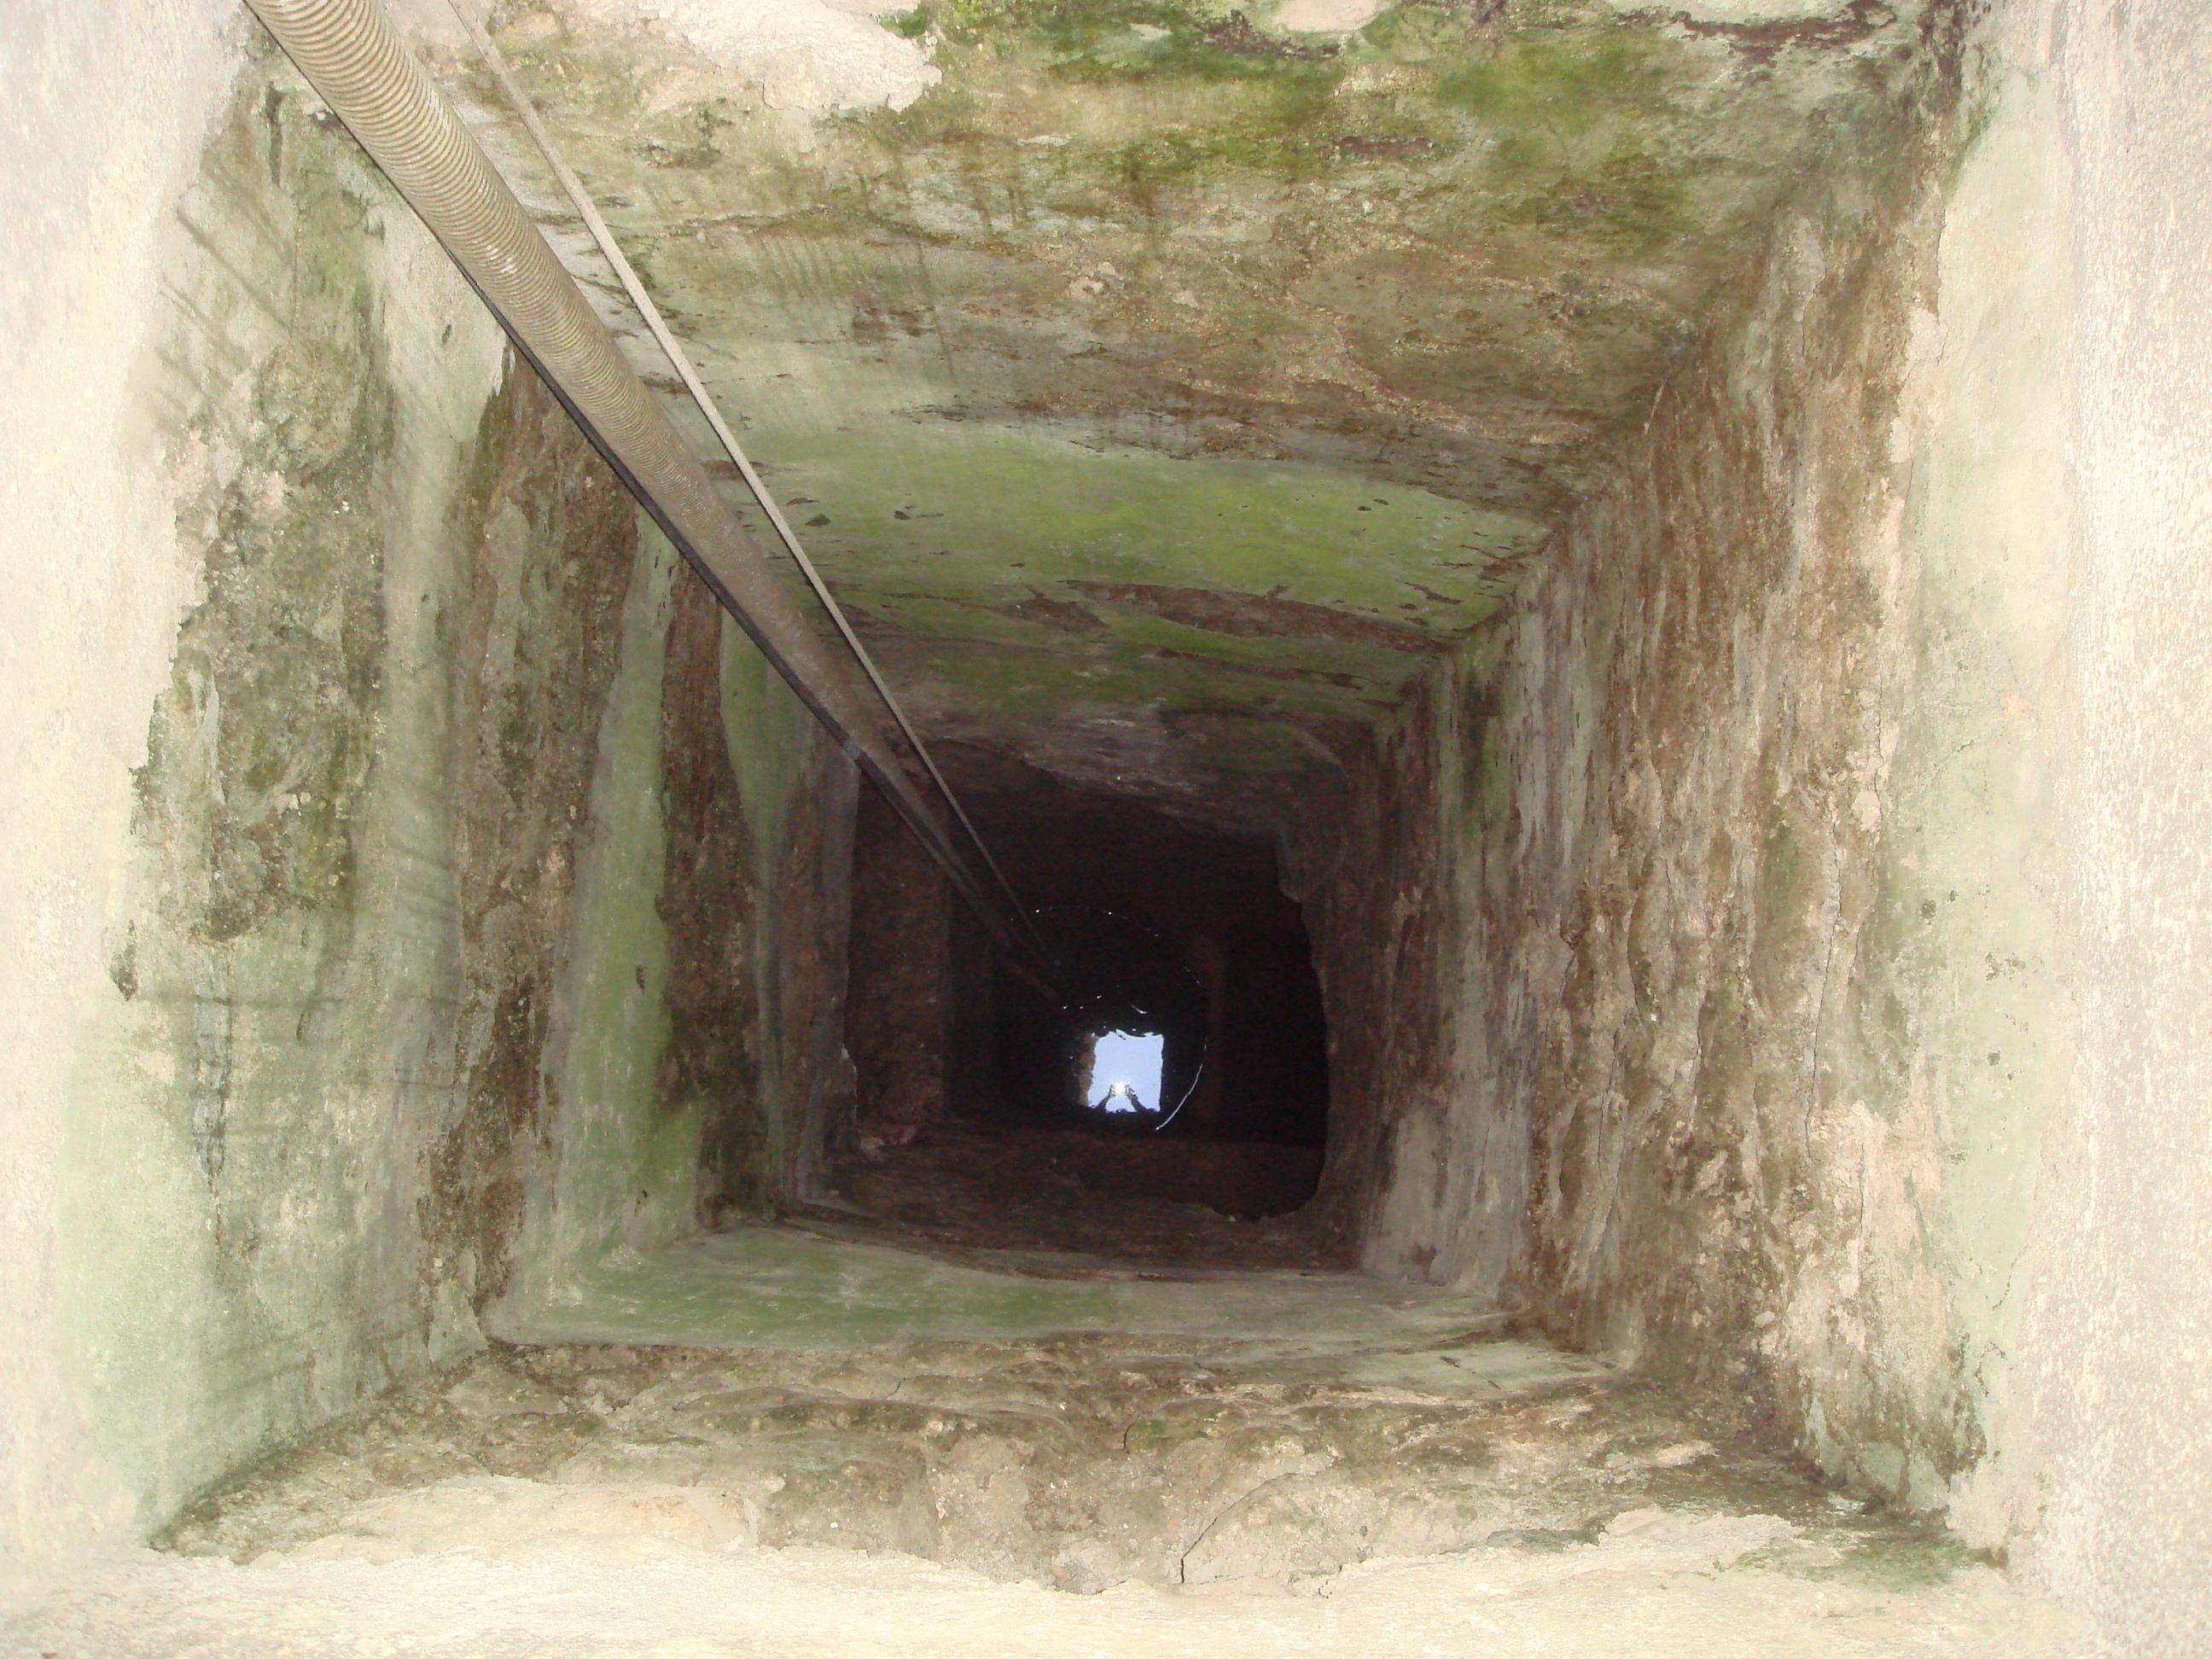 File 0899 siracusa pozzo del bagno rituale ebraico foto giovanni dall 39 orto 22 may - Bagno ebraico siracusa ...